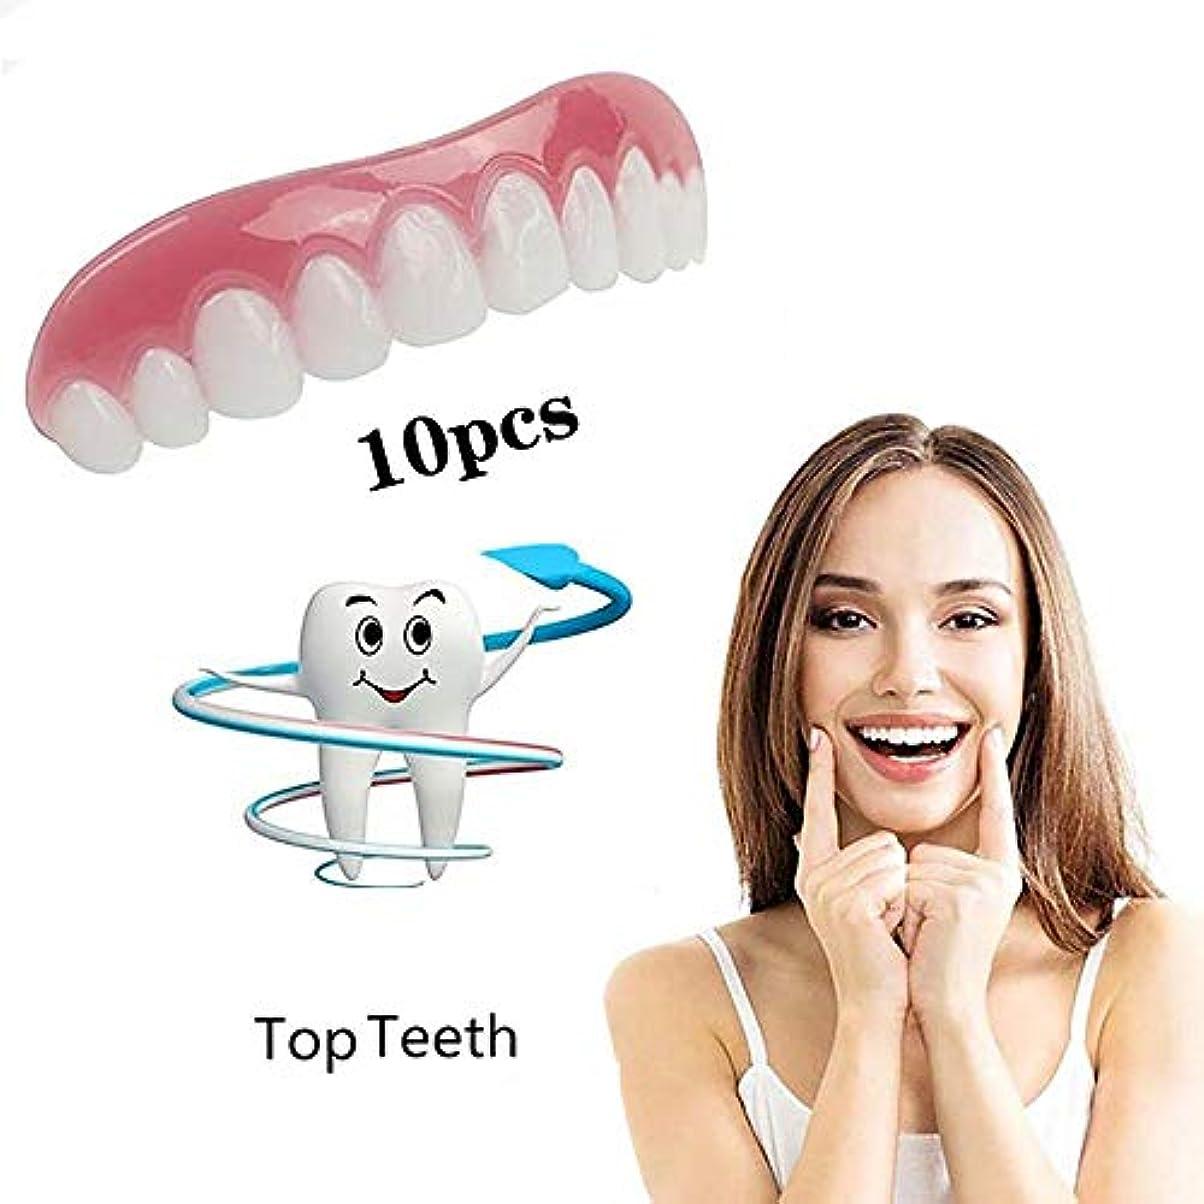 マーチャンダイジング手配する叫び声10個偽の歯アッパー偽の偽の歯カバースナップオン即時の歯の化粧品義歯のケアオーラルケアシリコーンホワイトニング義歯